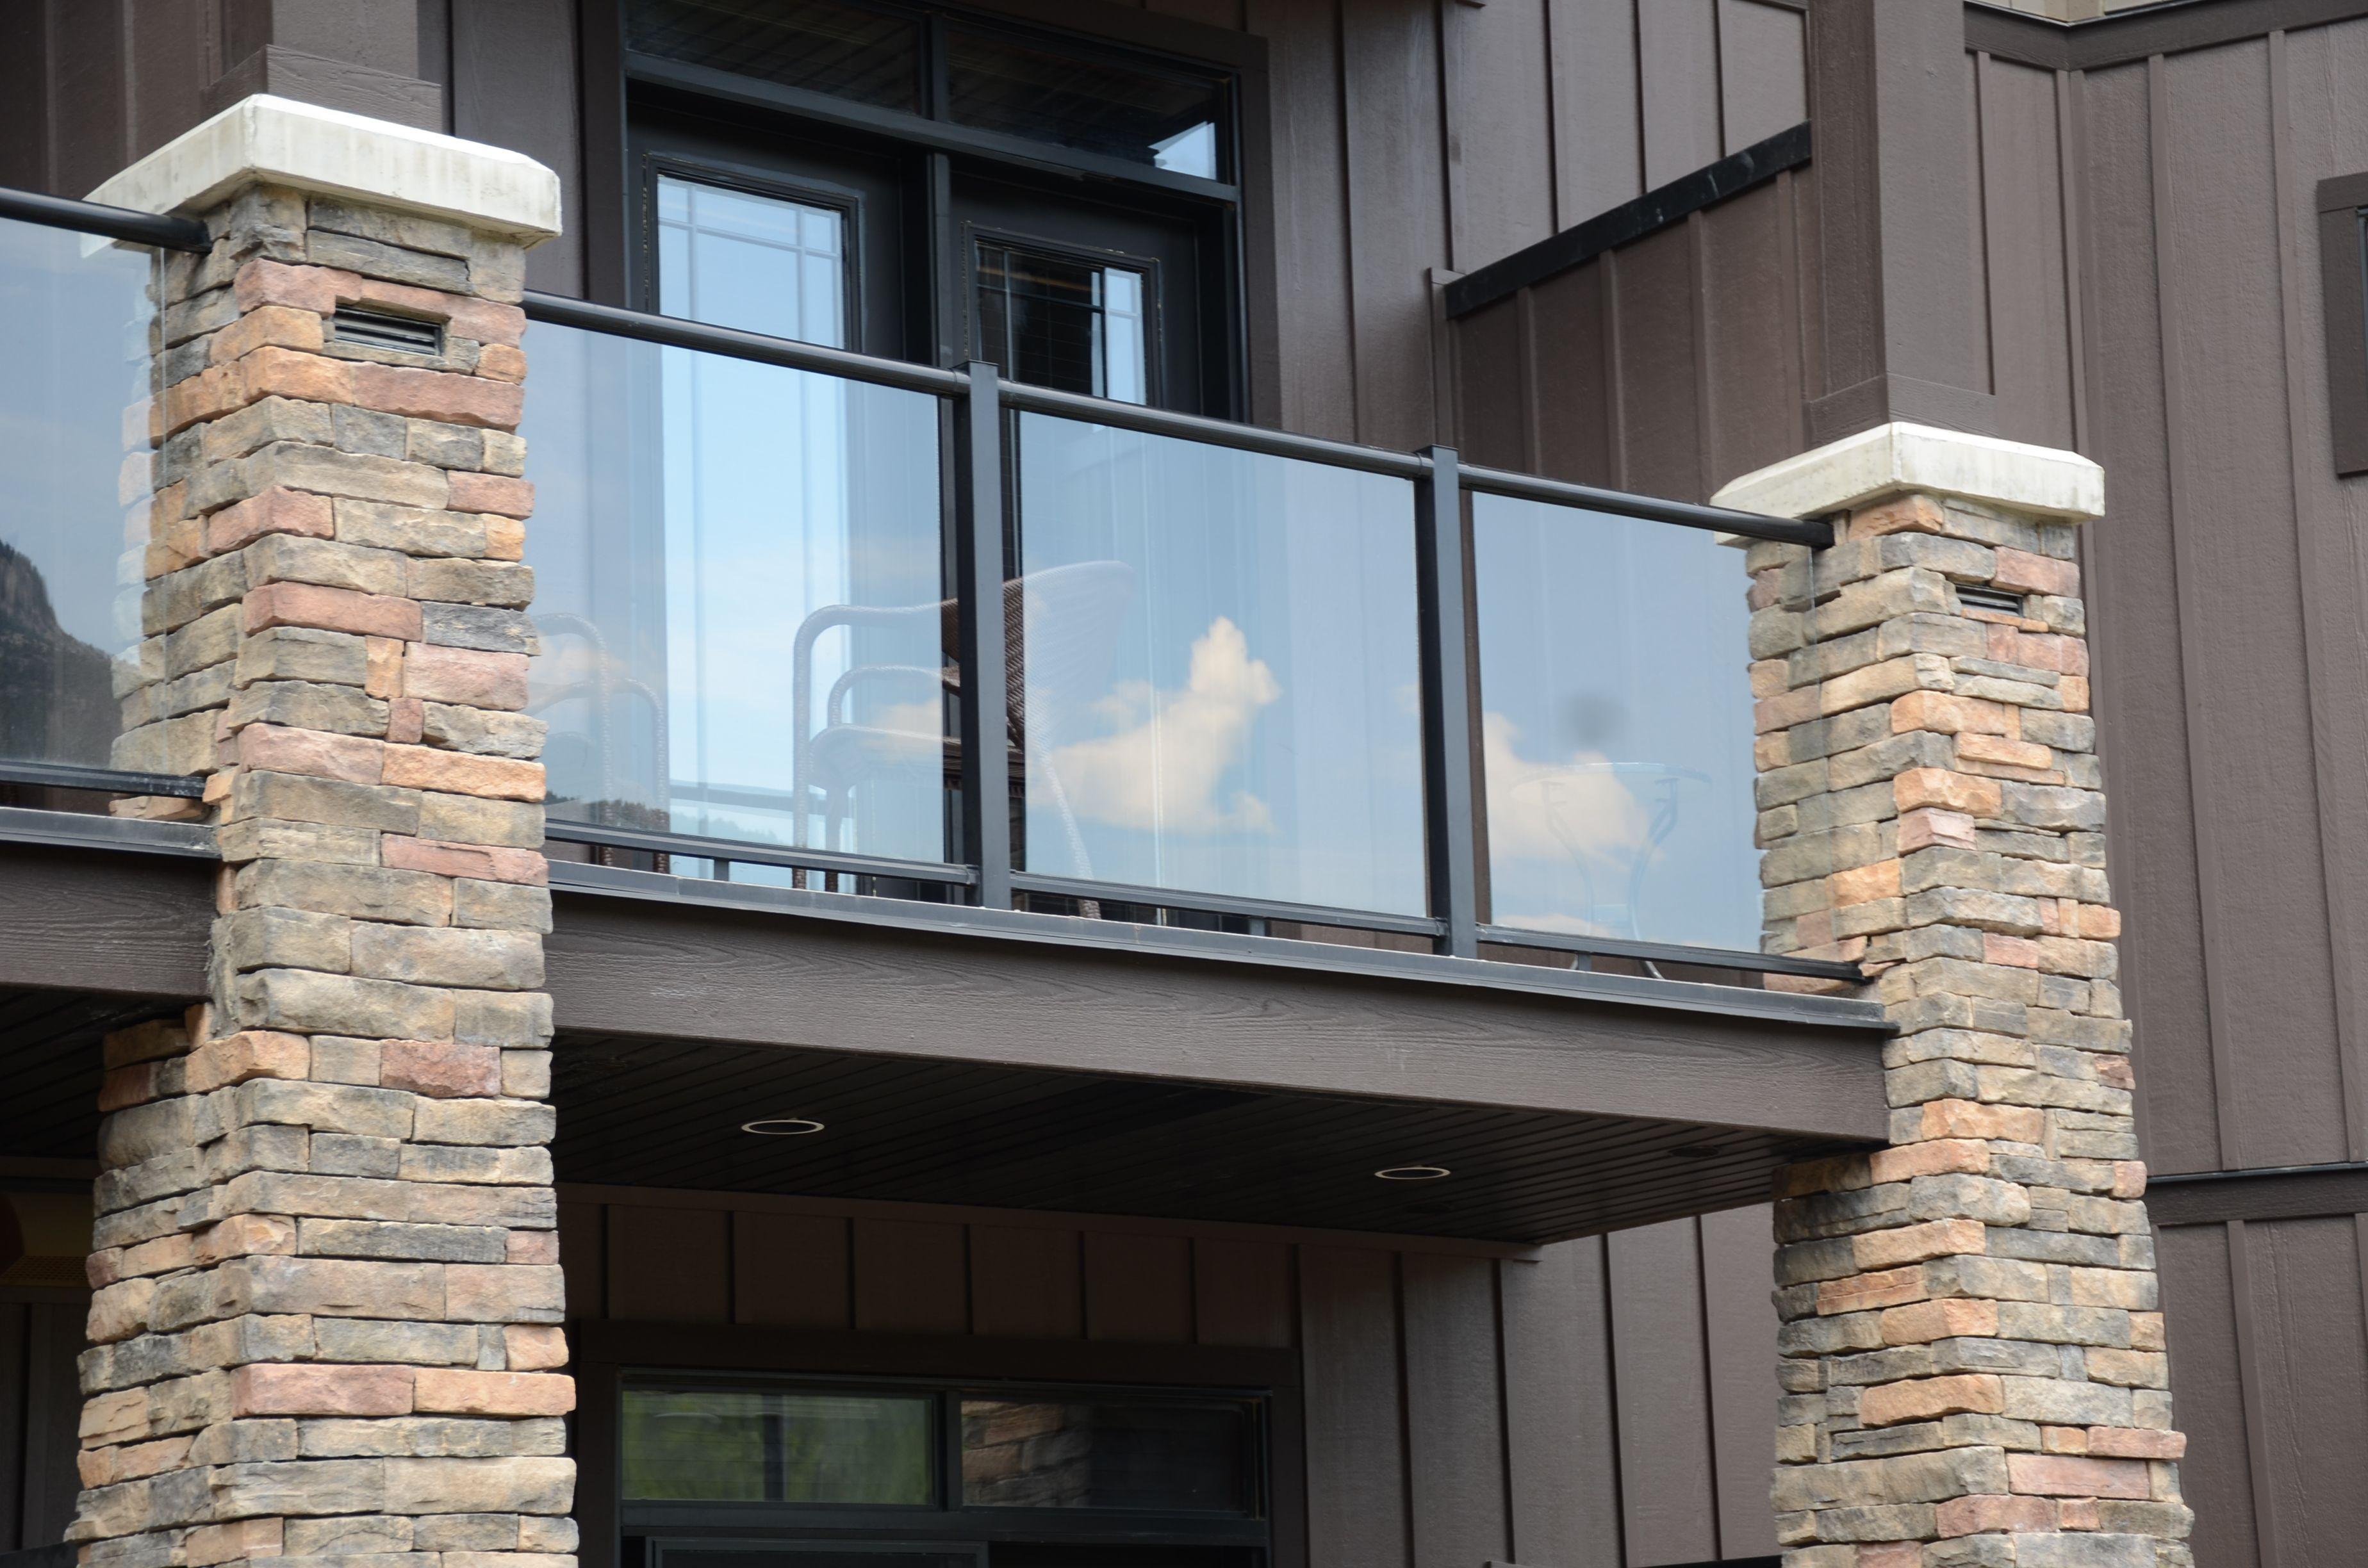 Glass Balcony Stone House Glass Railing Balcony With Stone